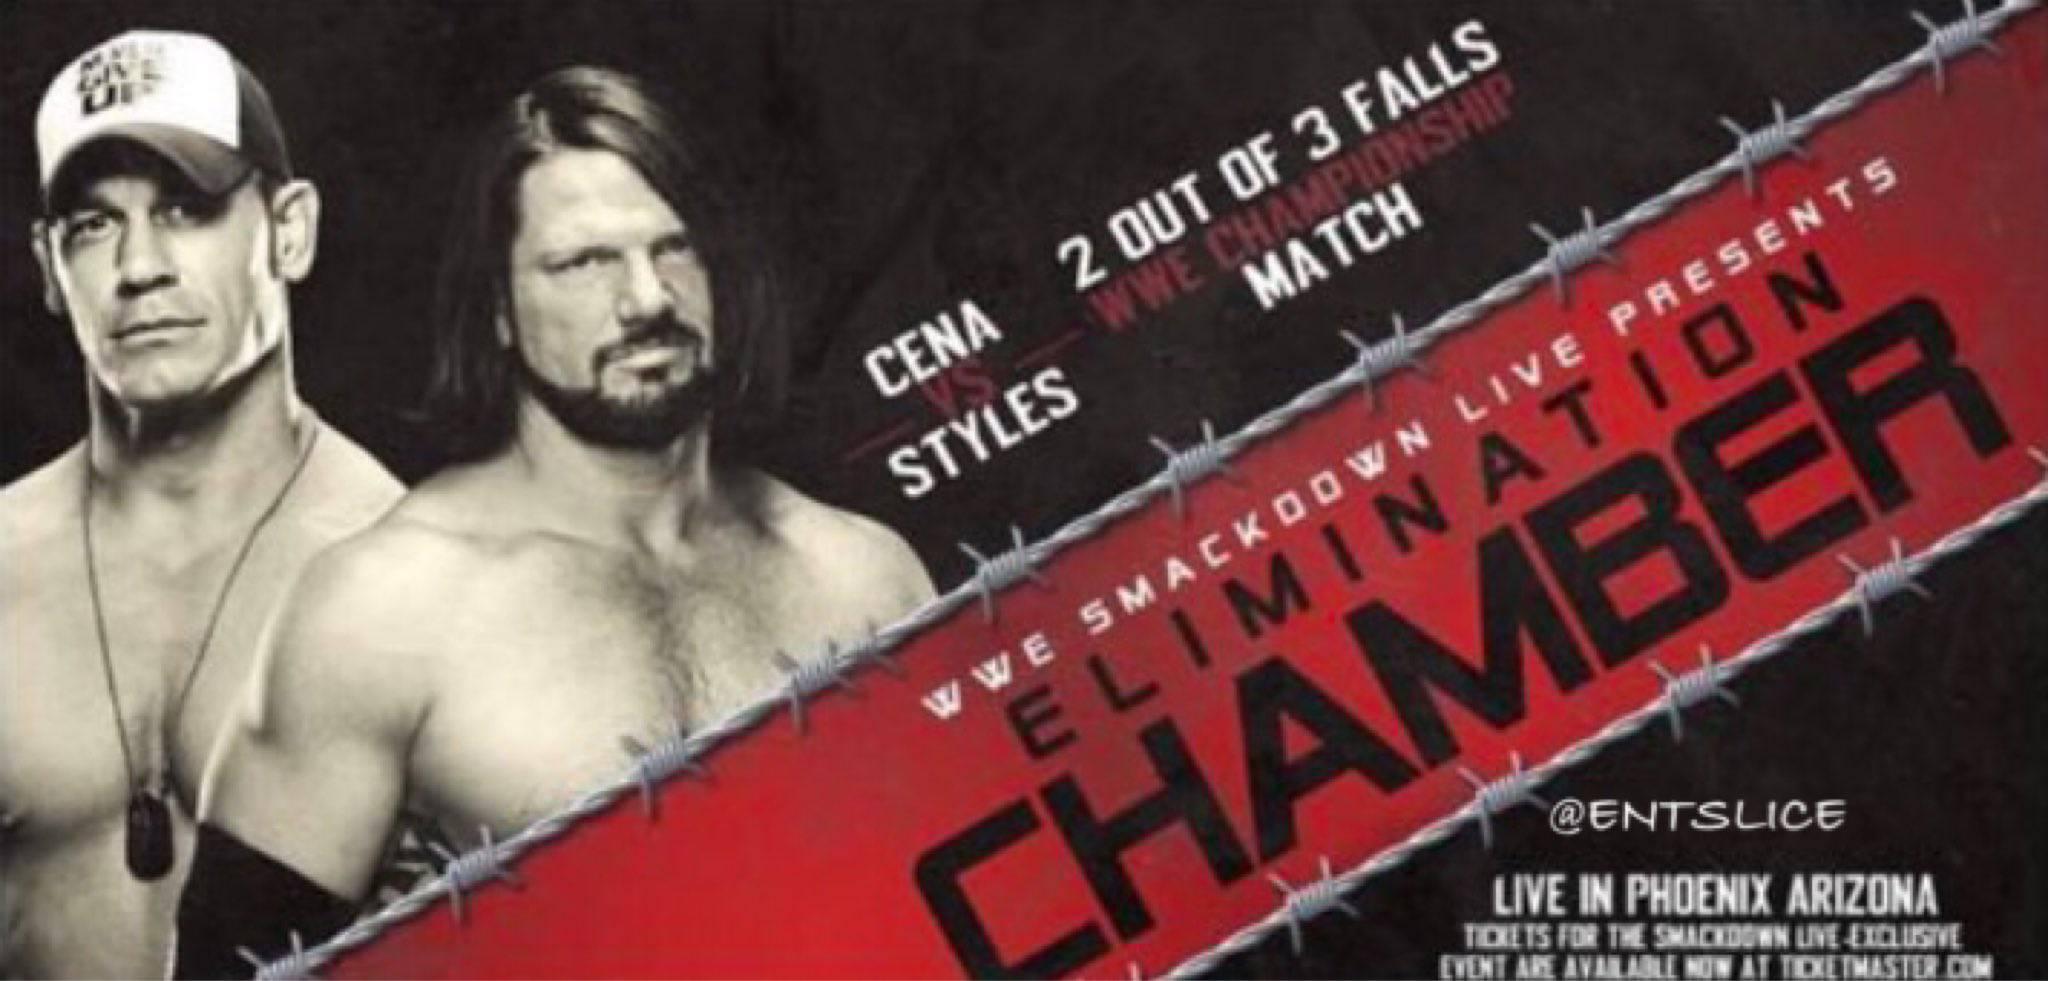 Cena v Styles Elimination chamber